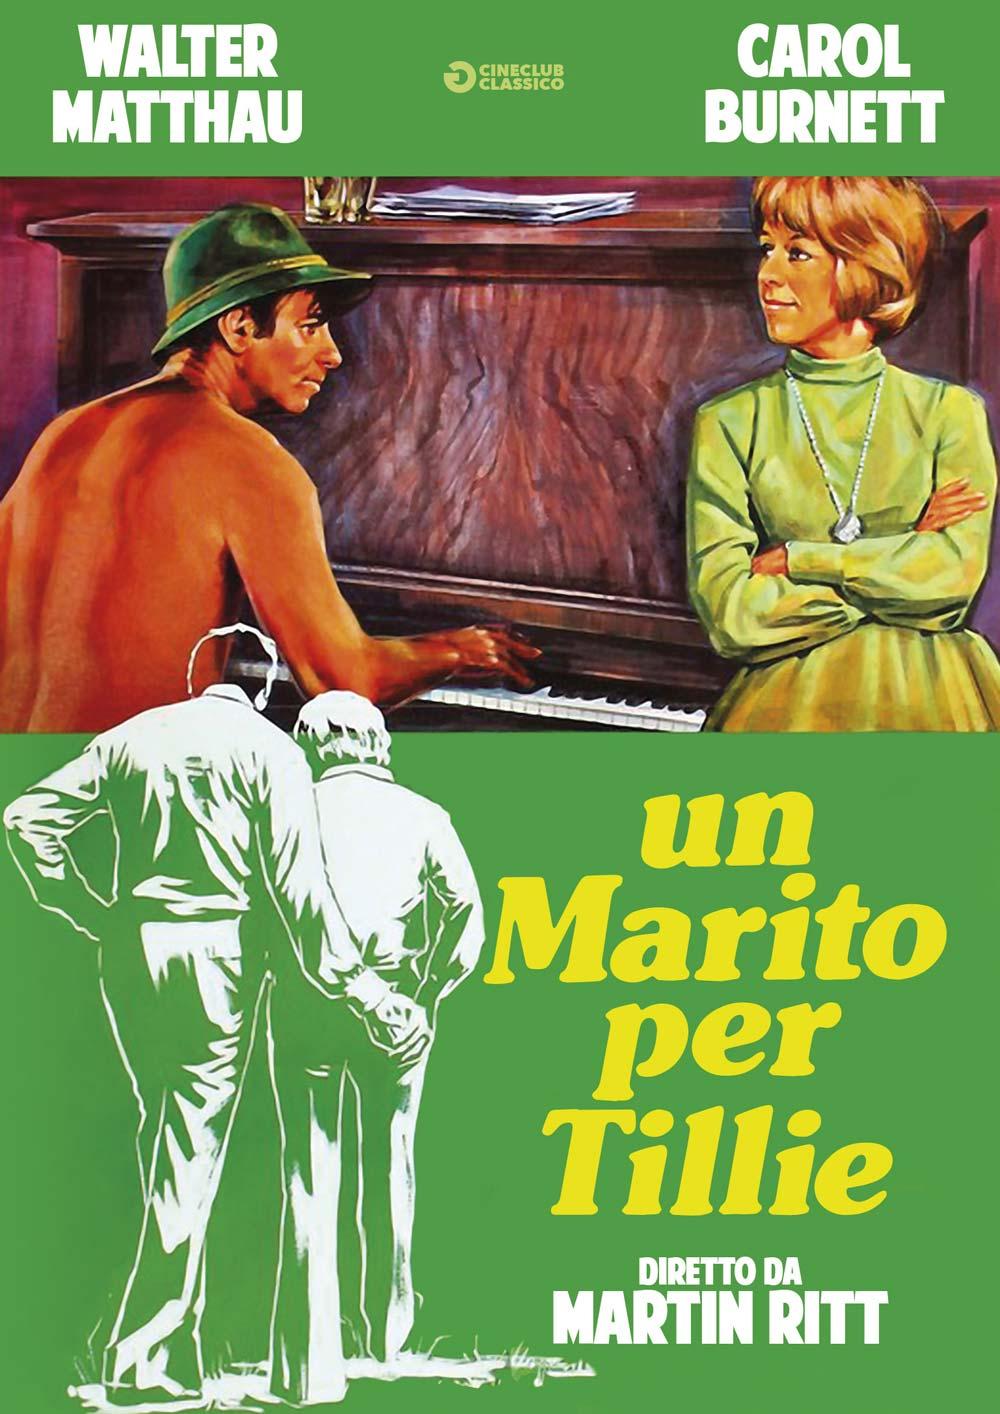 UN MARITO PER TILLIE (DVD)